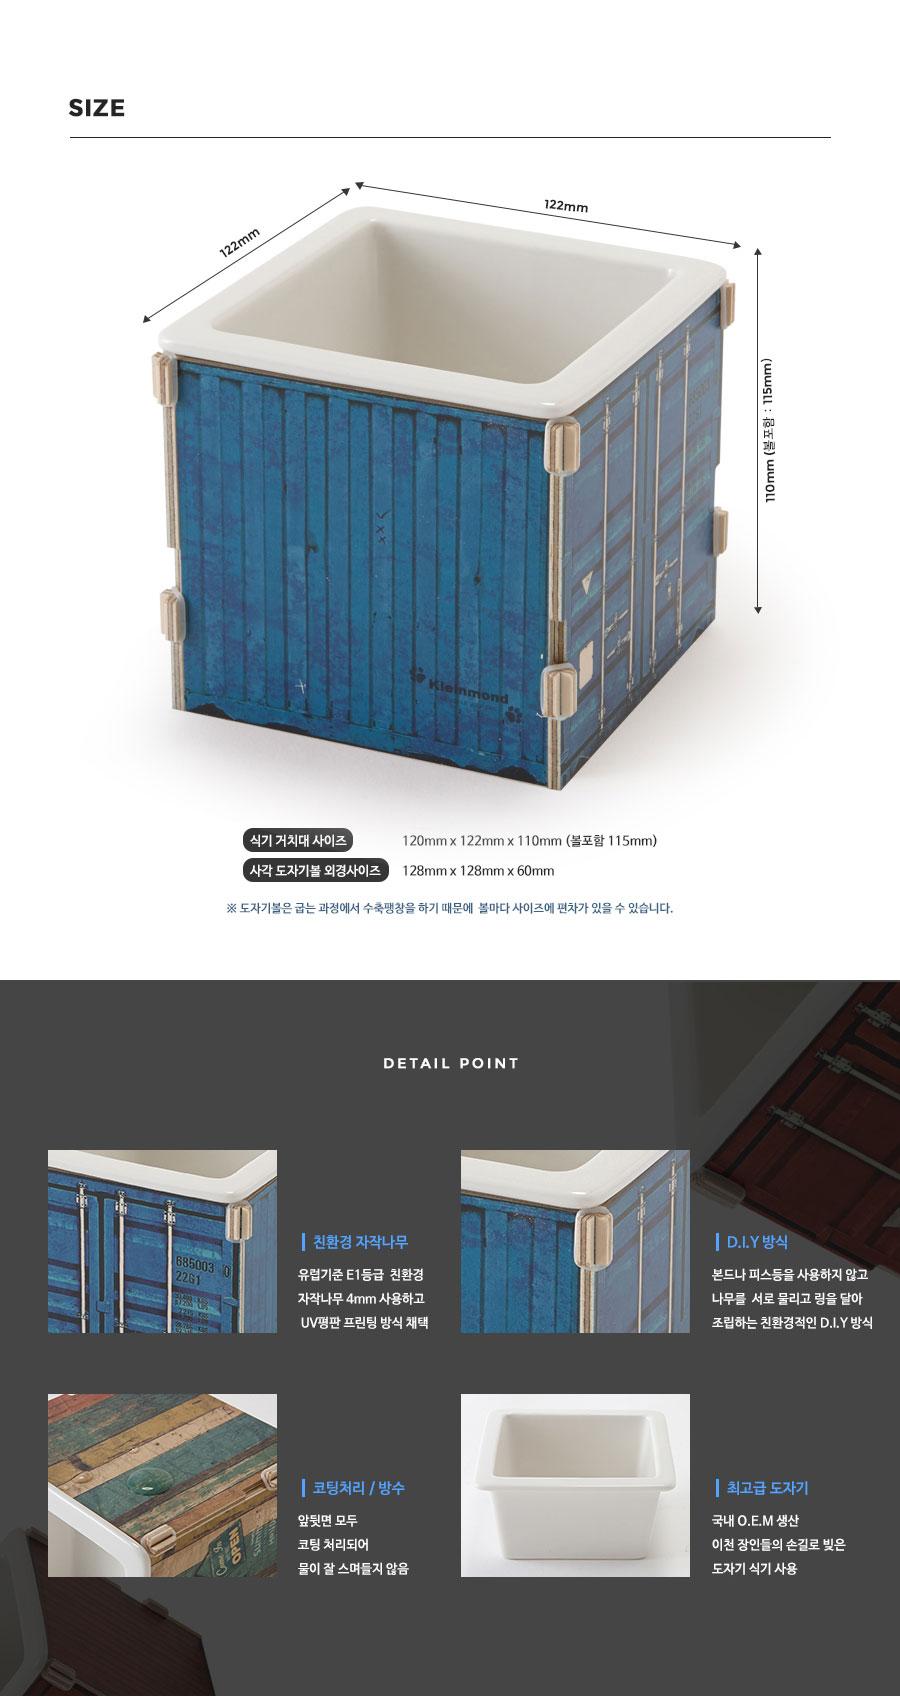 박스형 1구 식기 (콘테이너 블루) - 클레이몽드, 42,000원, 급수/급식기, 식기/식탁